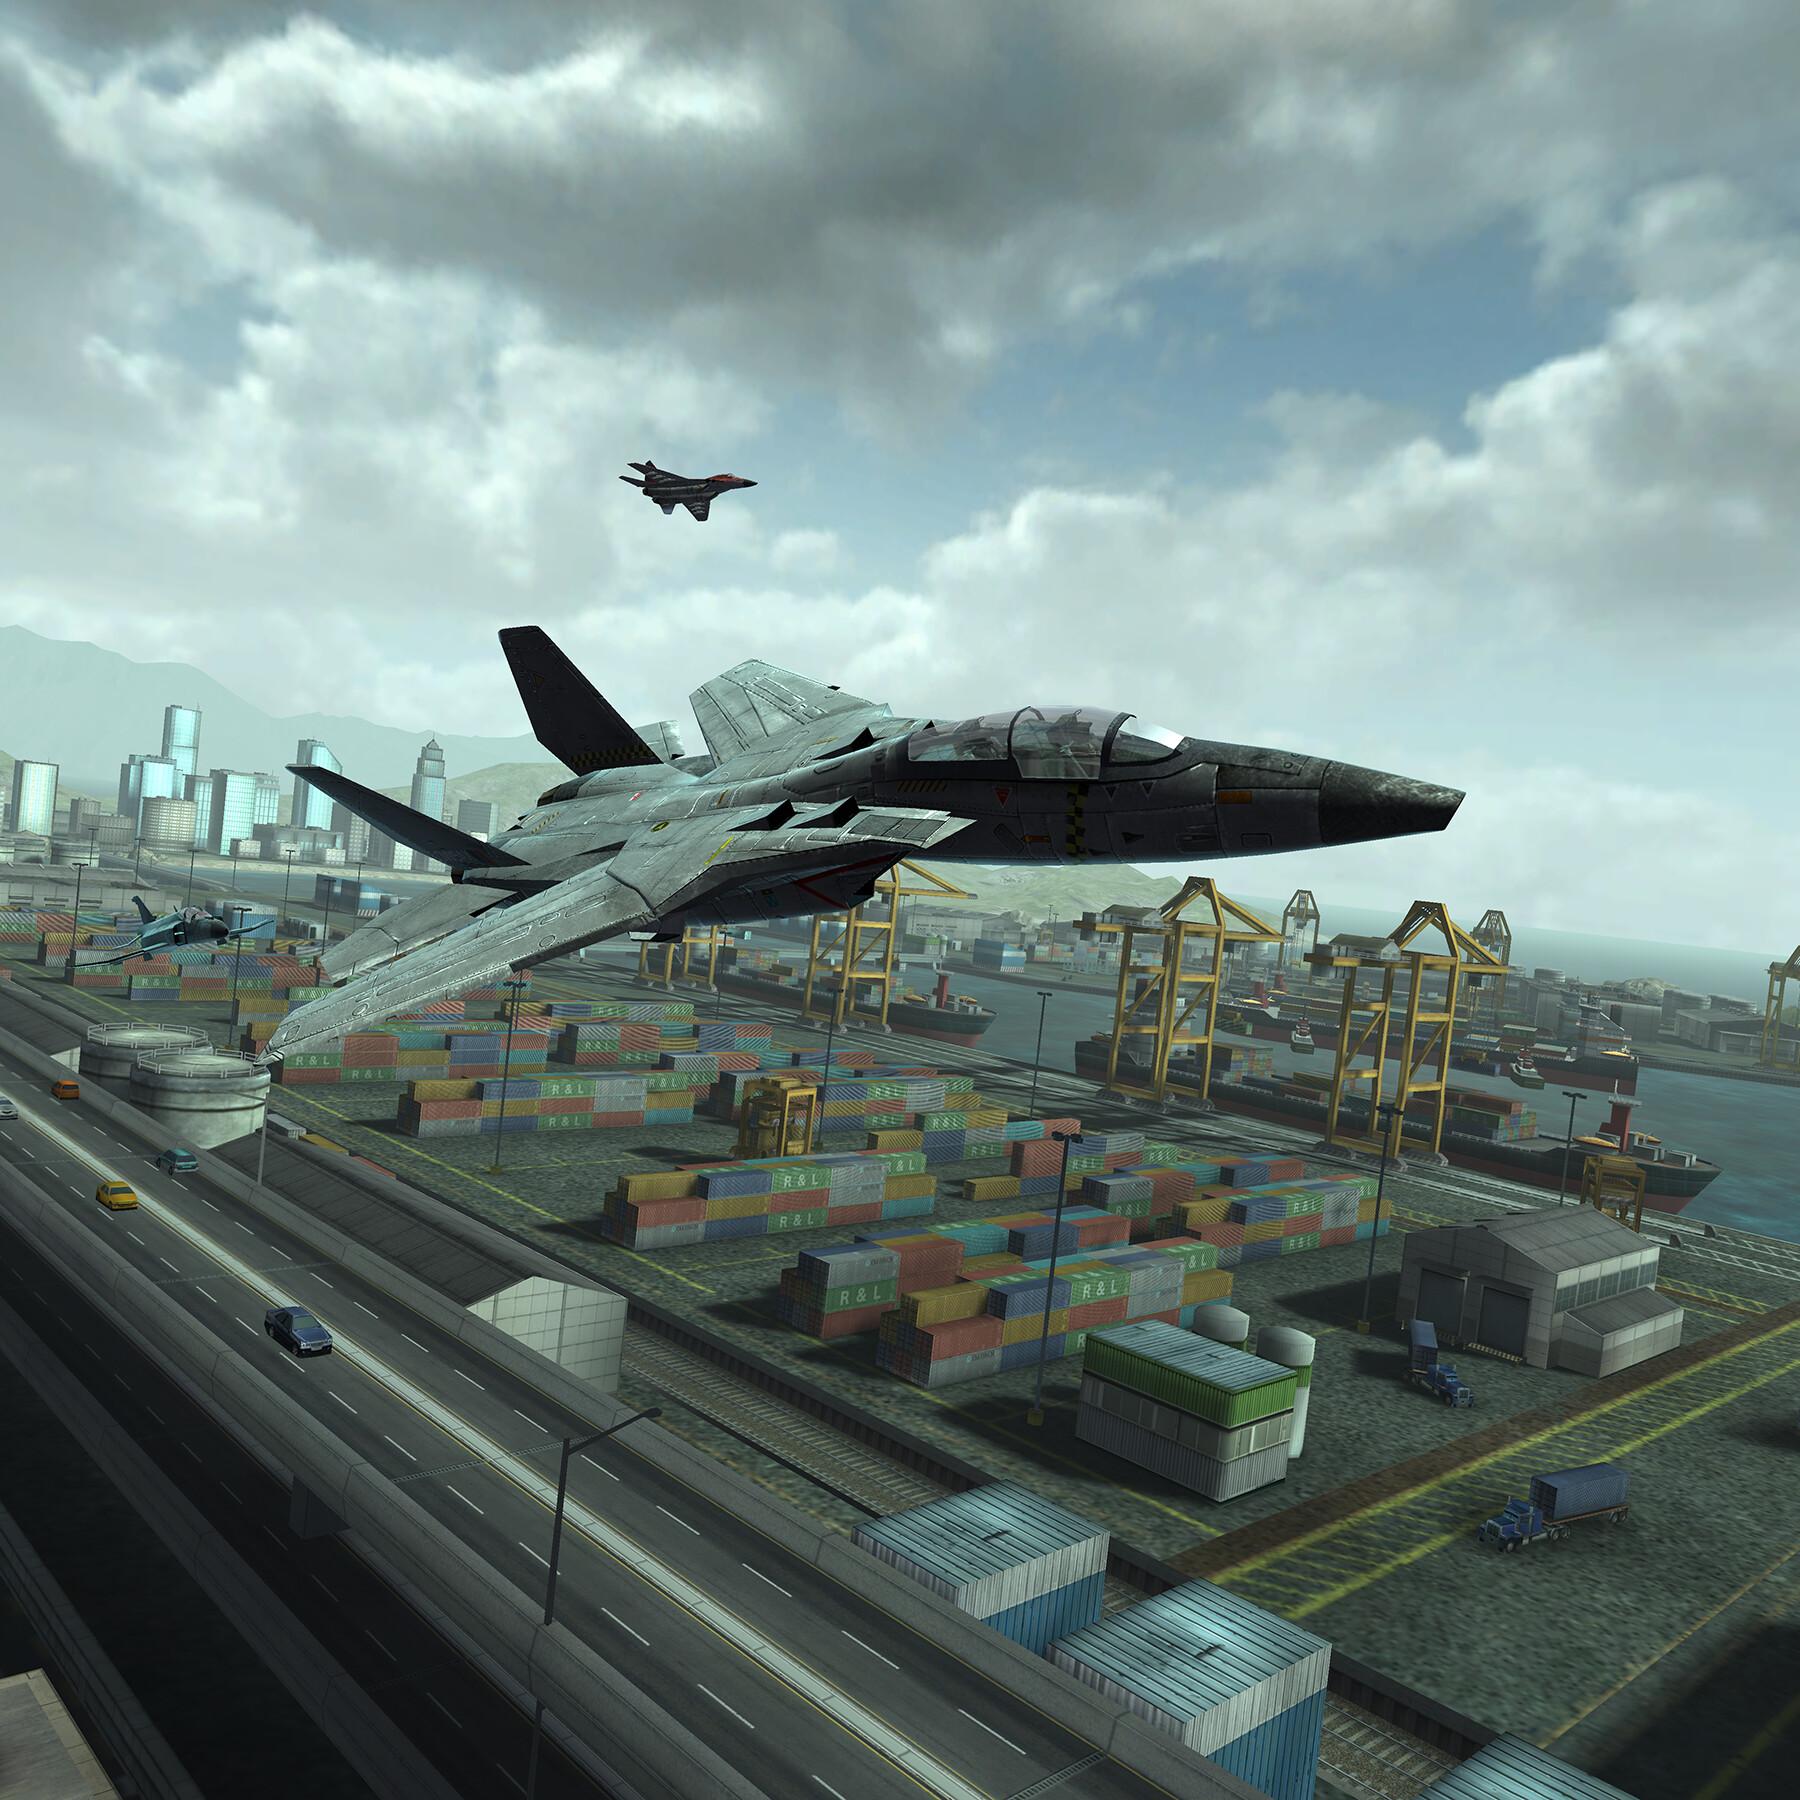 Docks and shipyards.